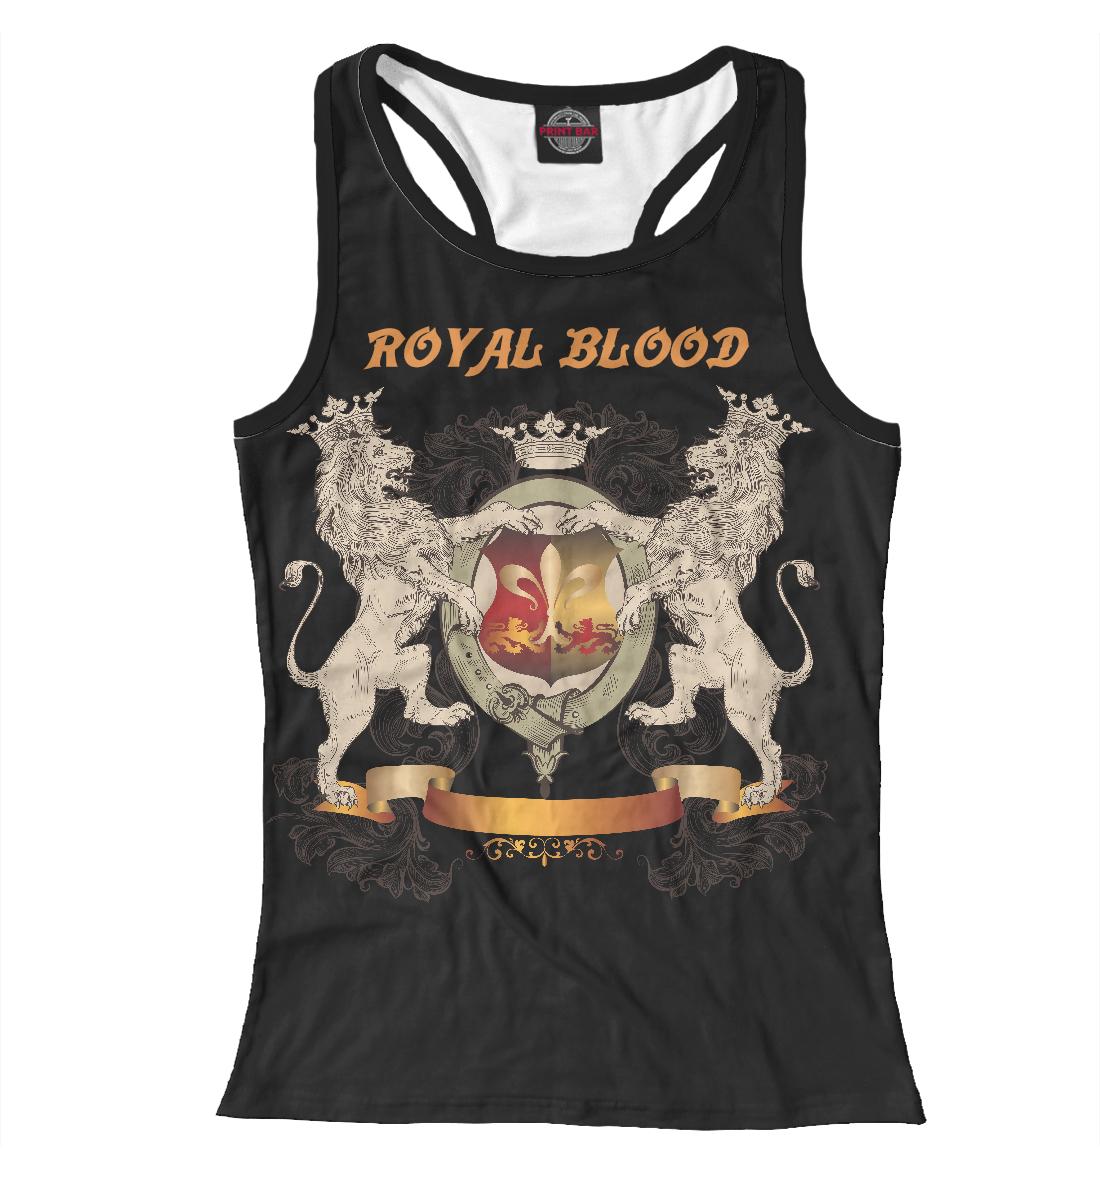 Купить Королевская кровь, Printbar, Майки борцовки, APD-235264-mayb-1